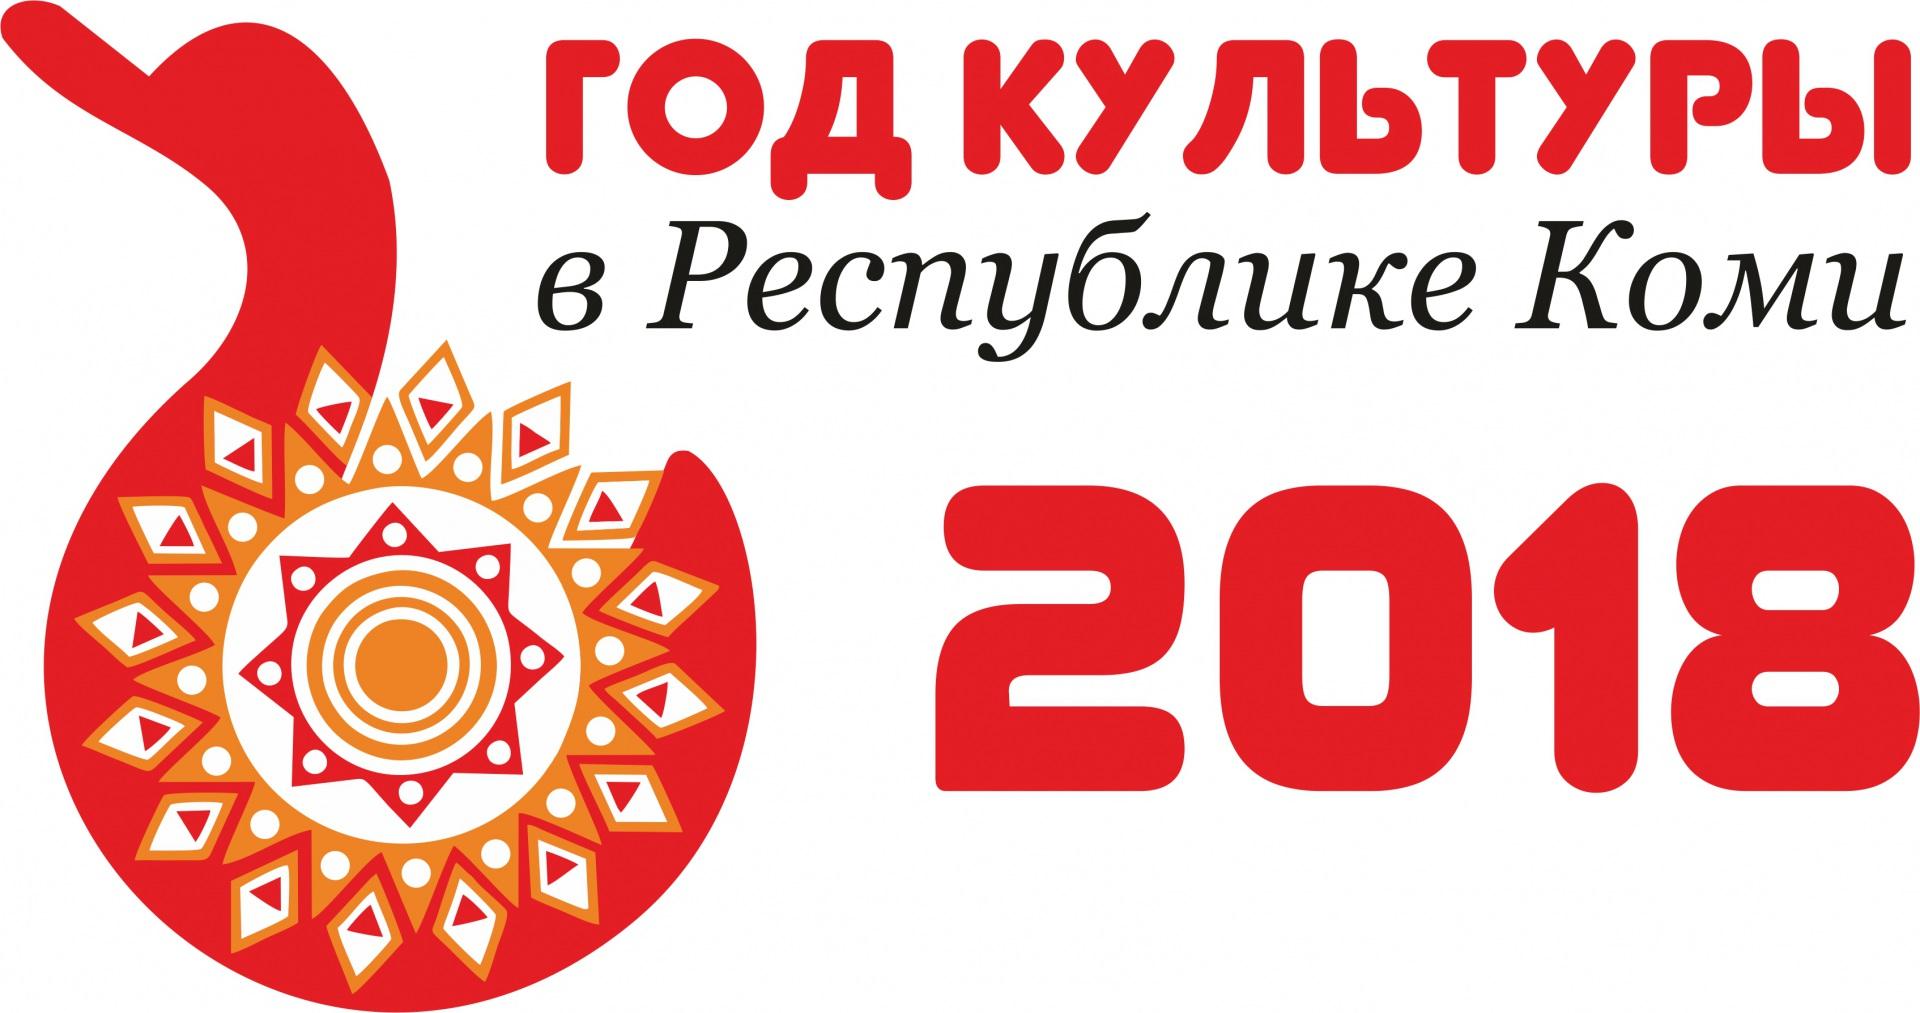 Logotip-Goda-kultury-na-vybor-2.jpg